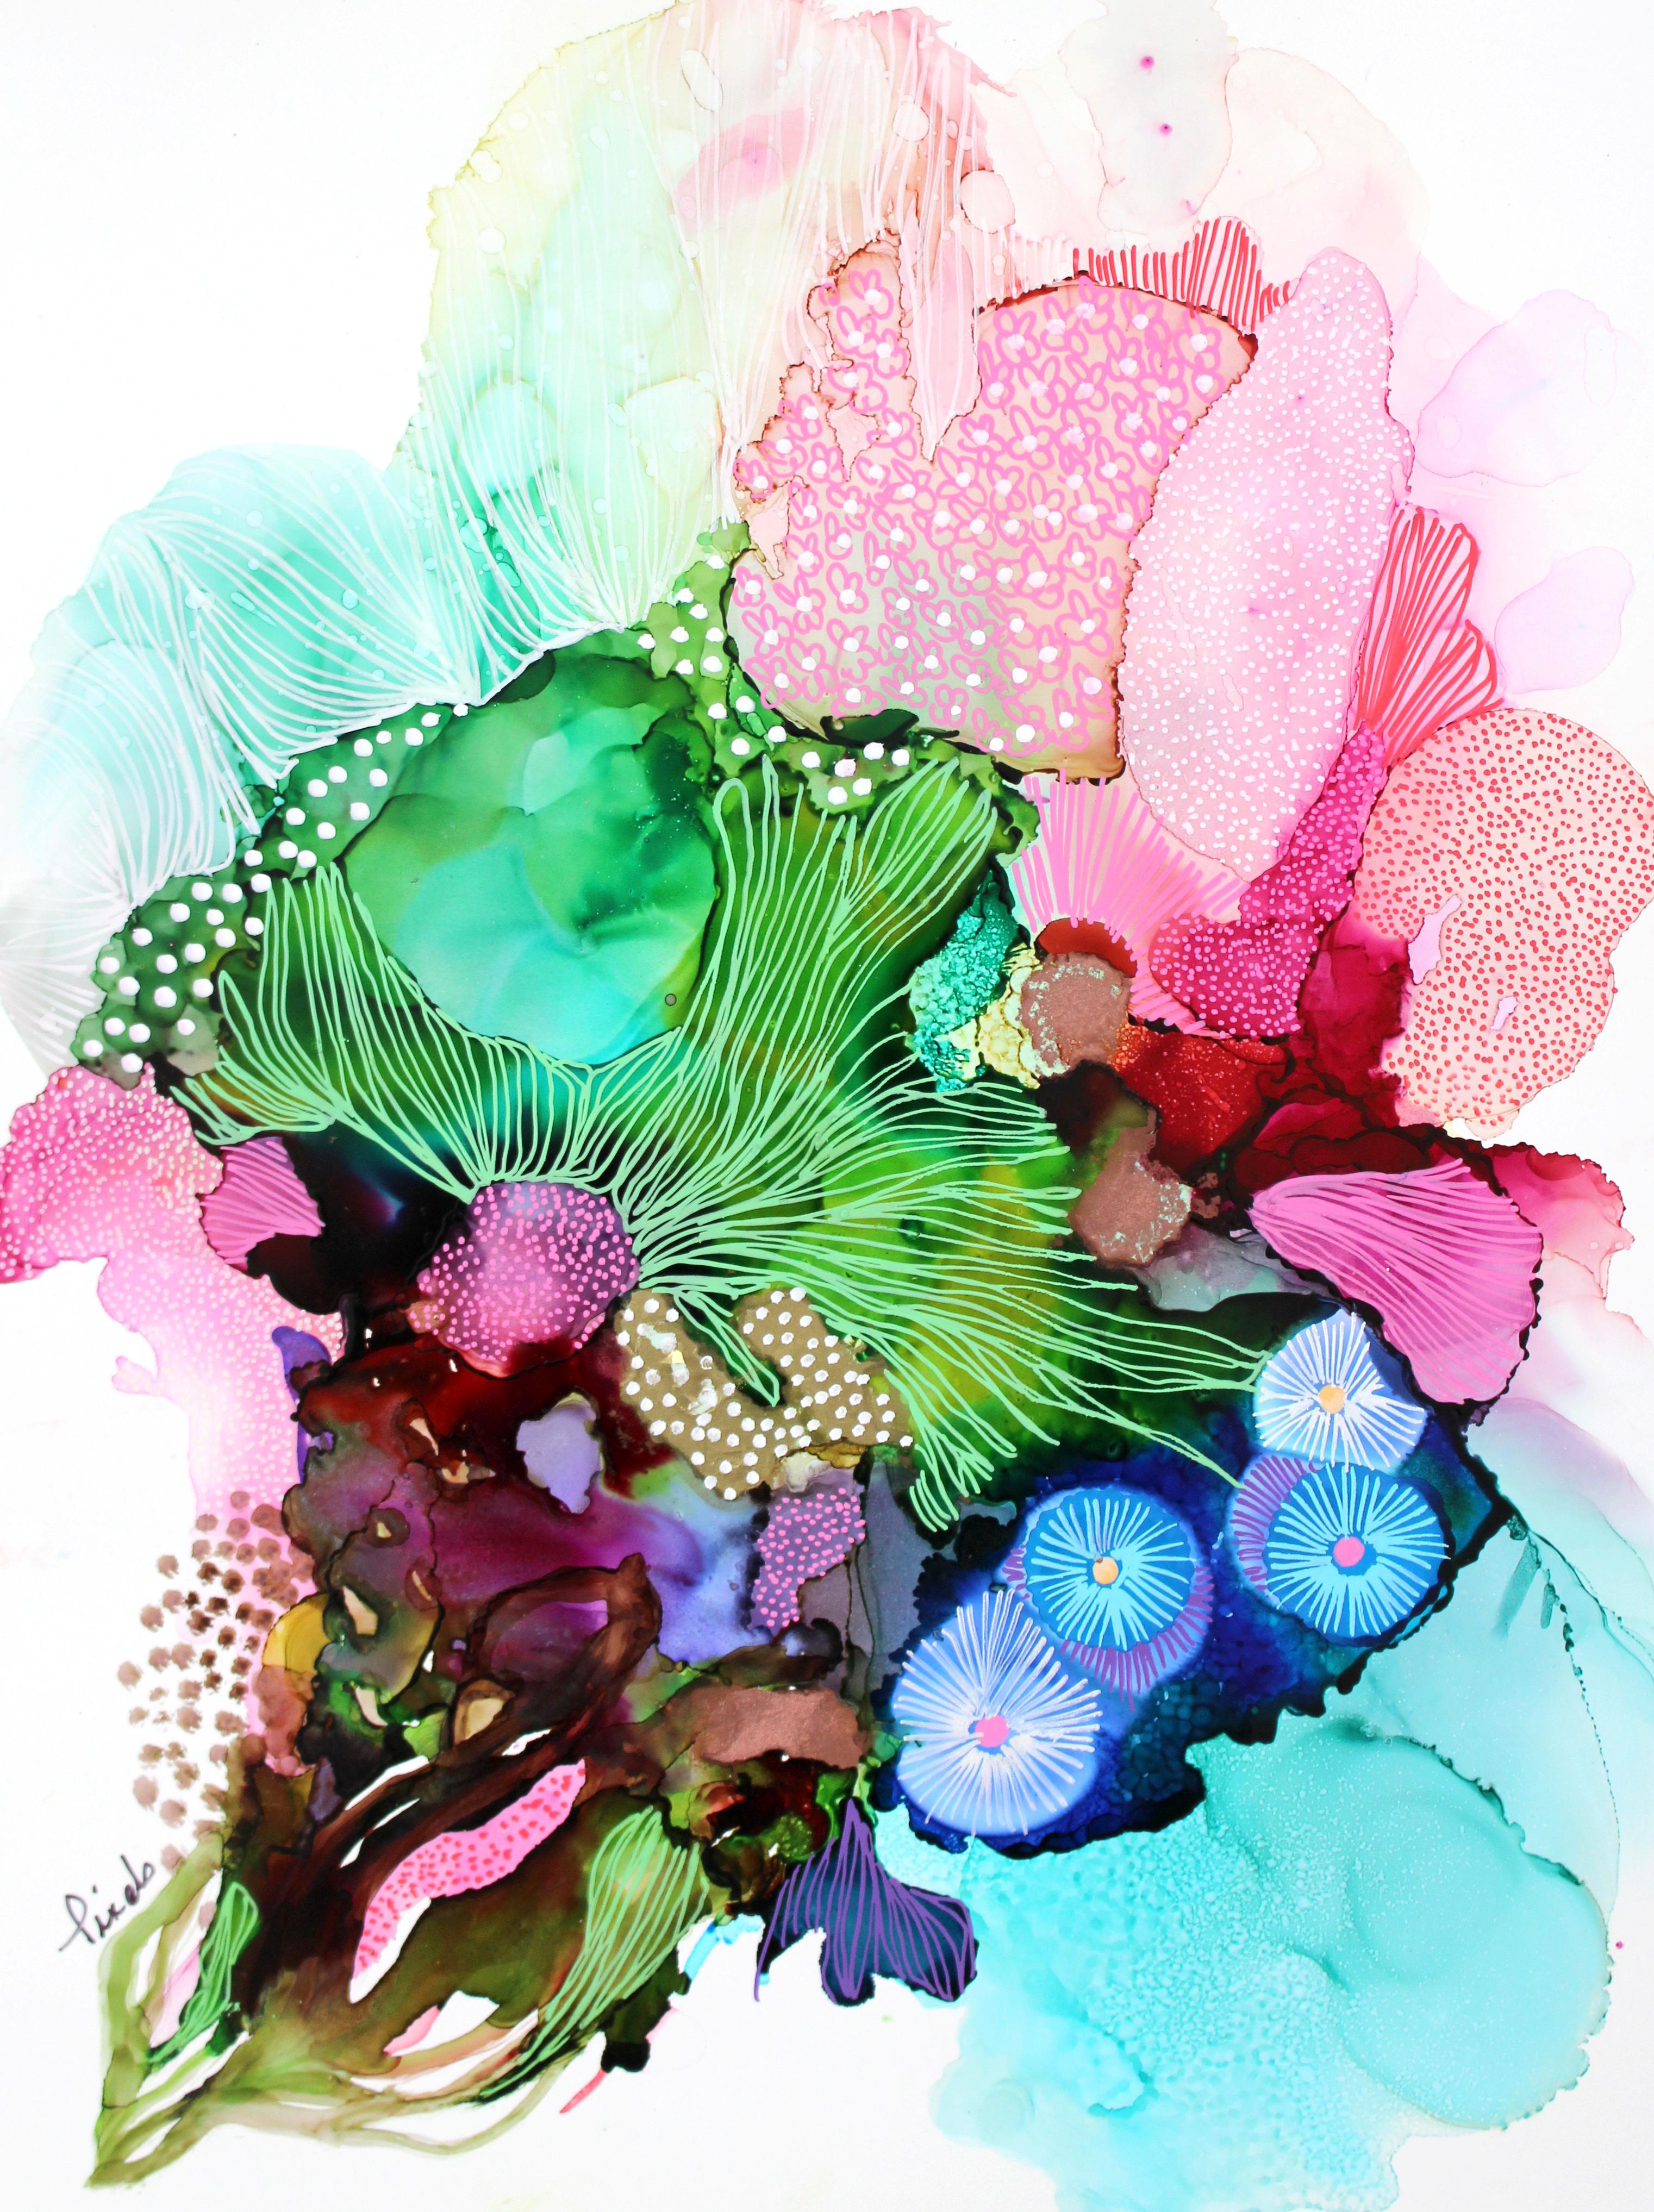 Pixels, couleurs, ink on paper, galerie roccia